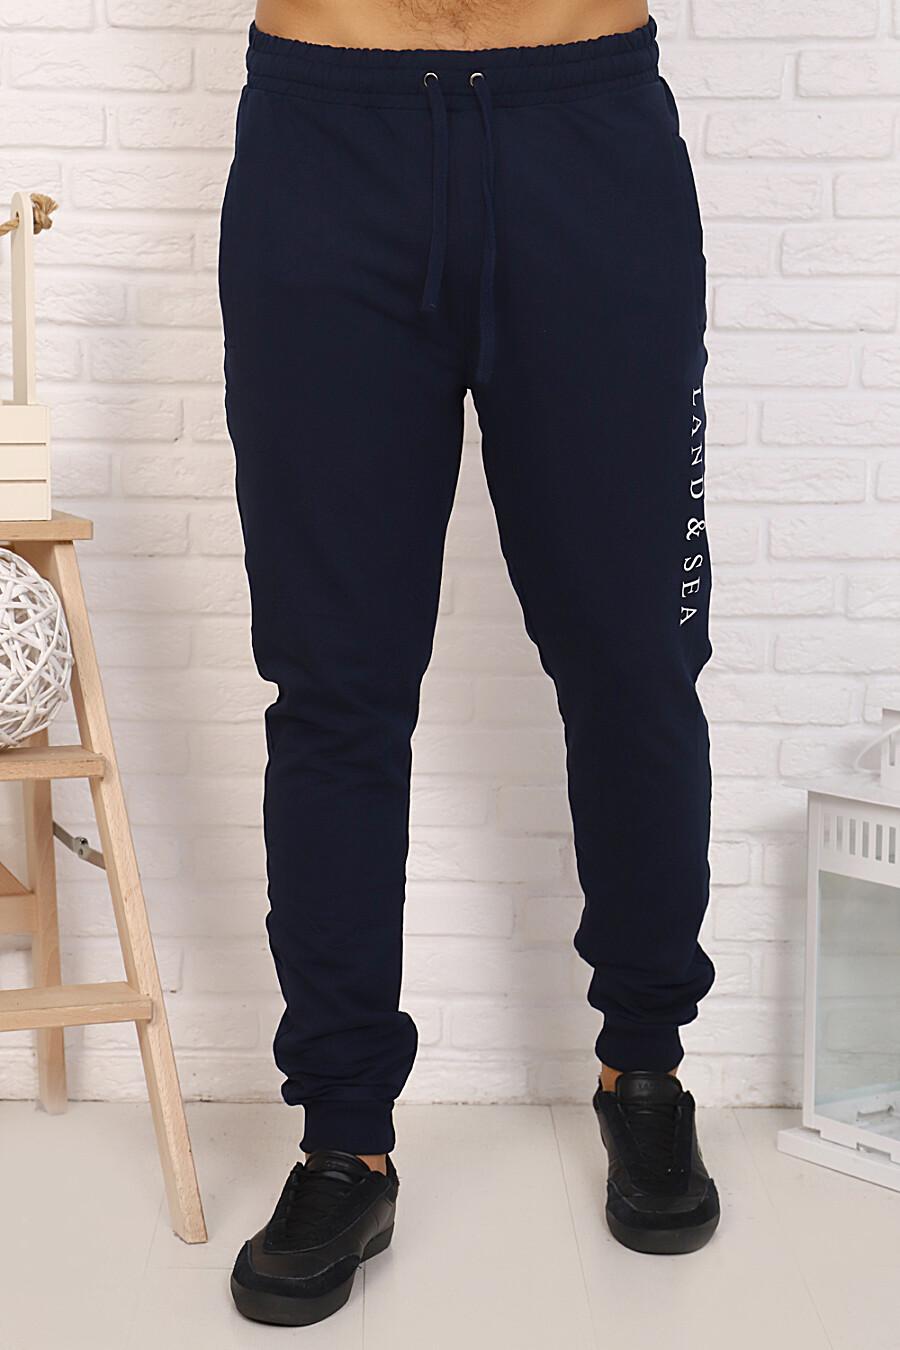 Брюки 26511 для мужчин НАТАЛИ 683251 купить оптом от производителя. Совместная покупка мужской одежды в OptMoyo